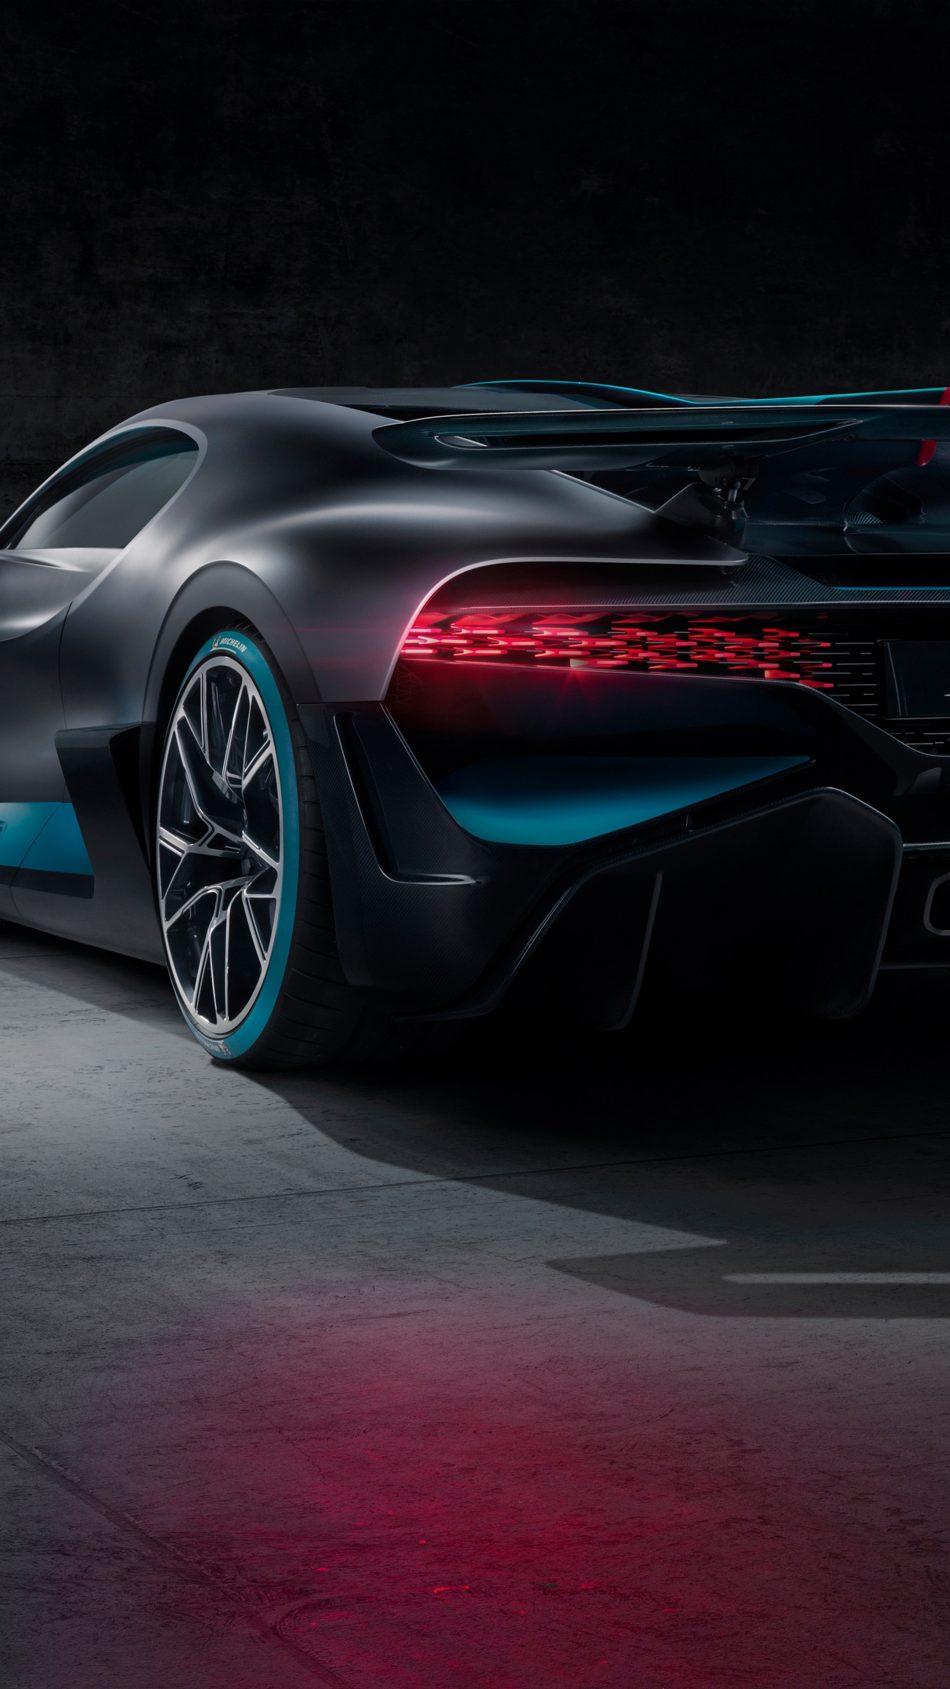 Download bugatti divo 2019 free pure 4k ultra hd mobile - 4k car wallpaper for mobile ...